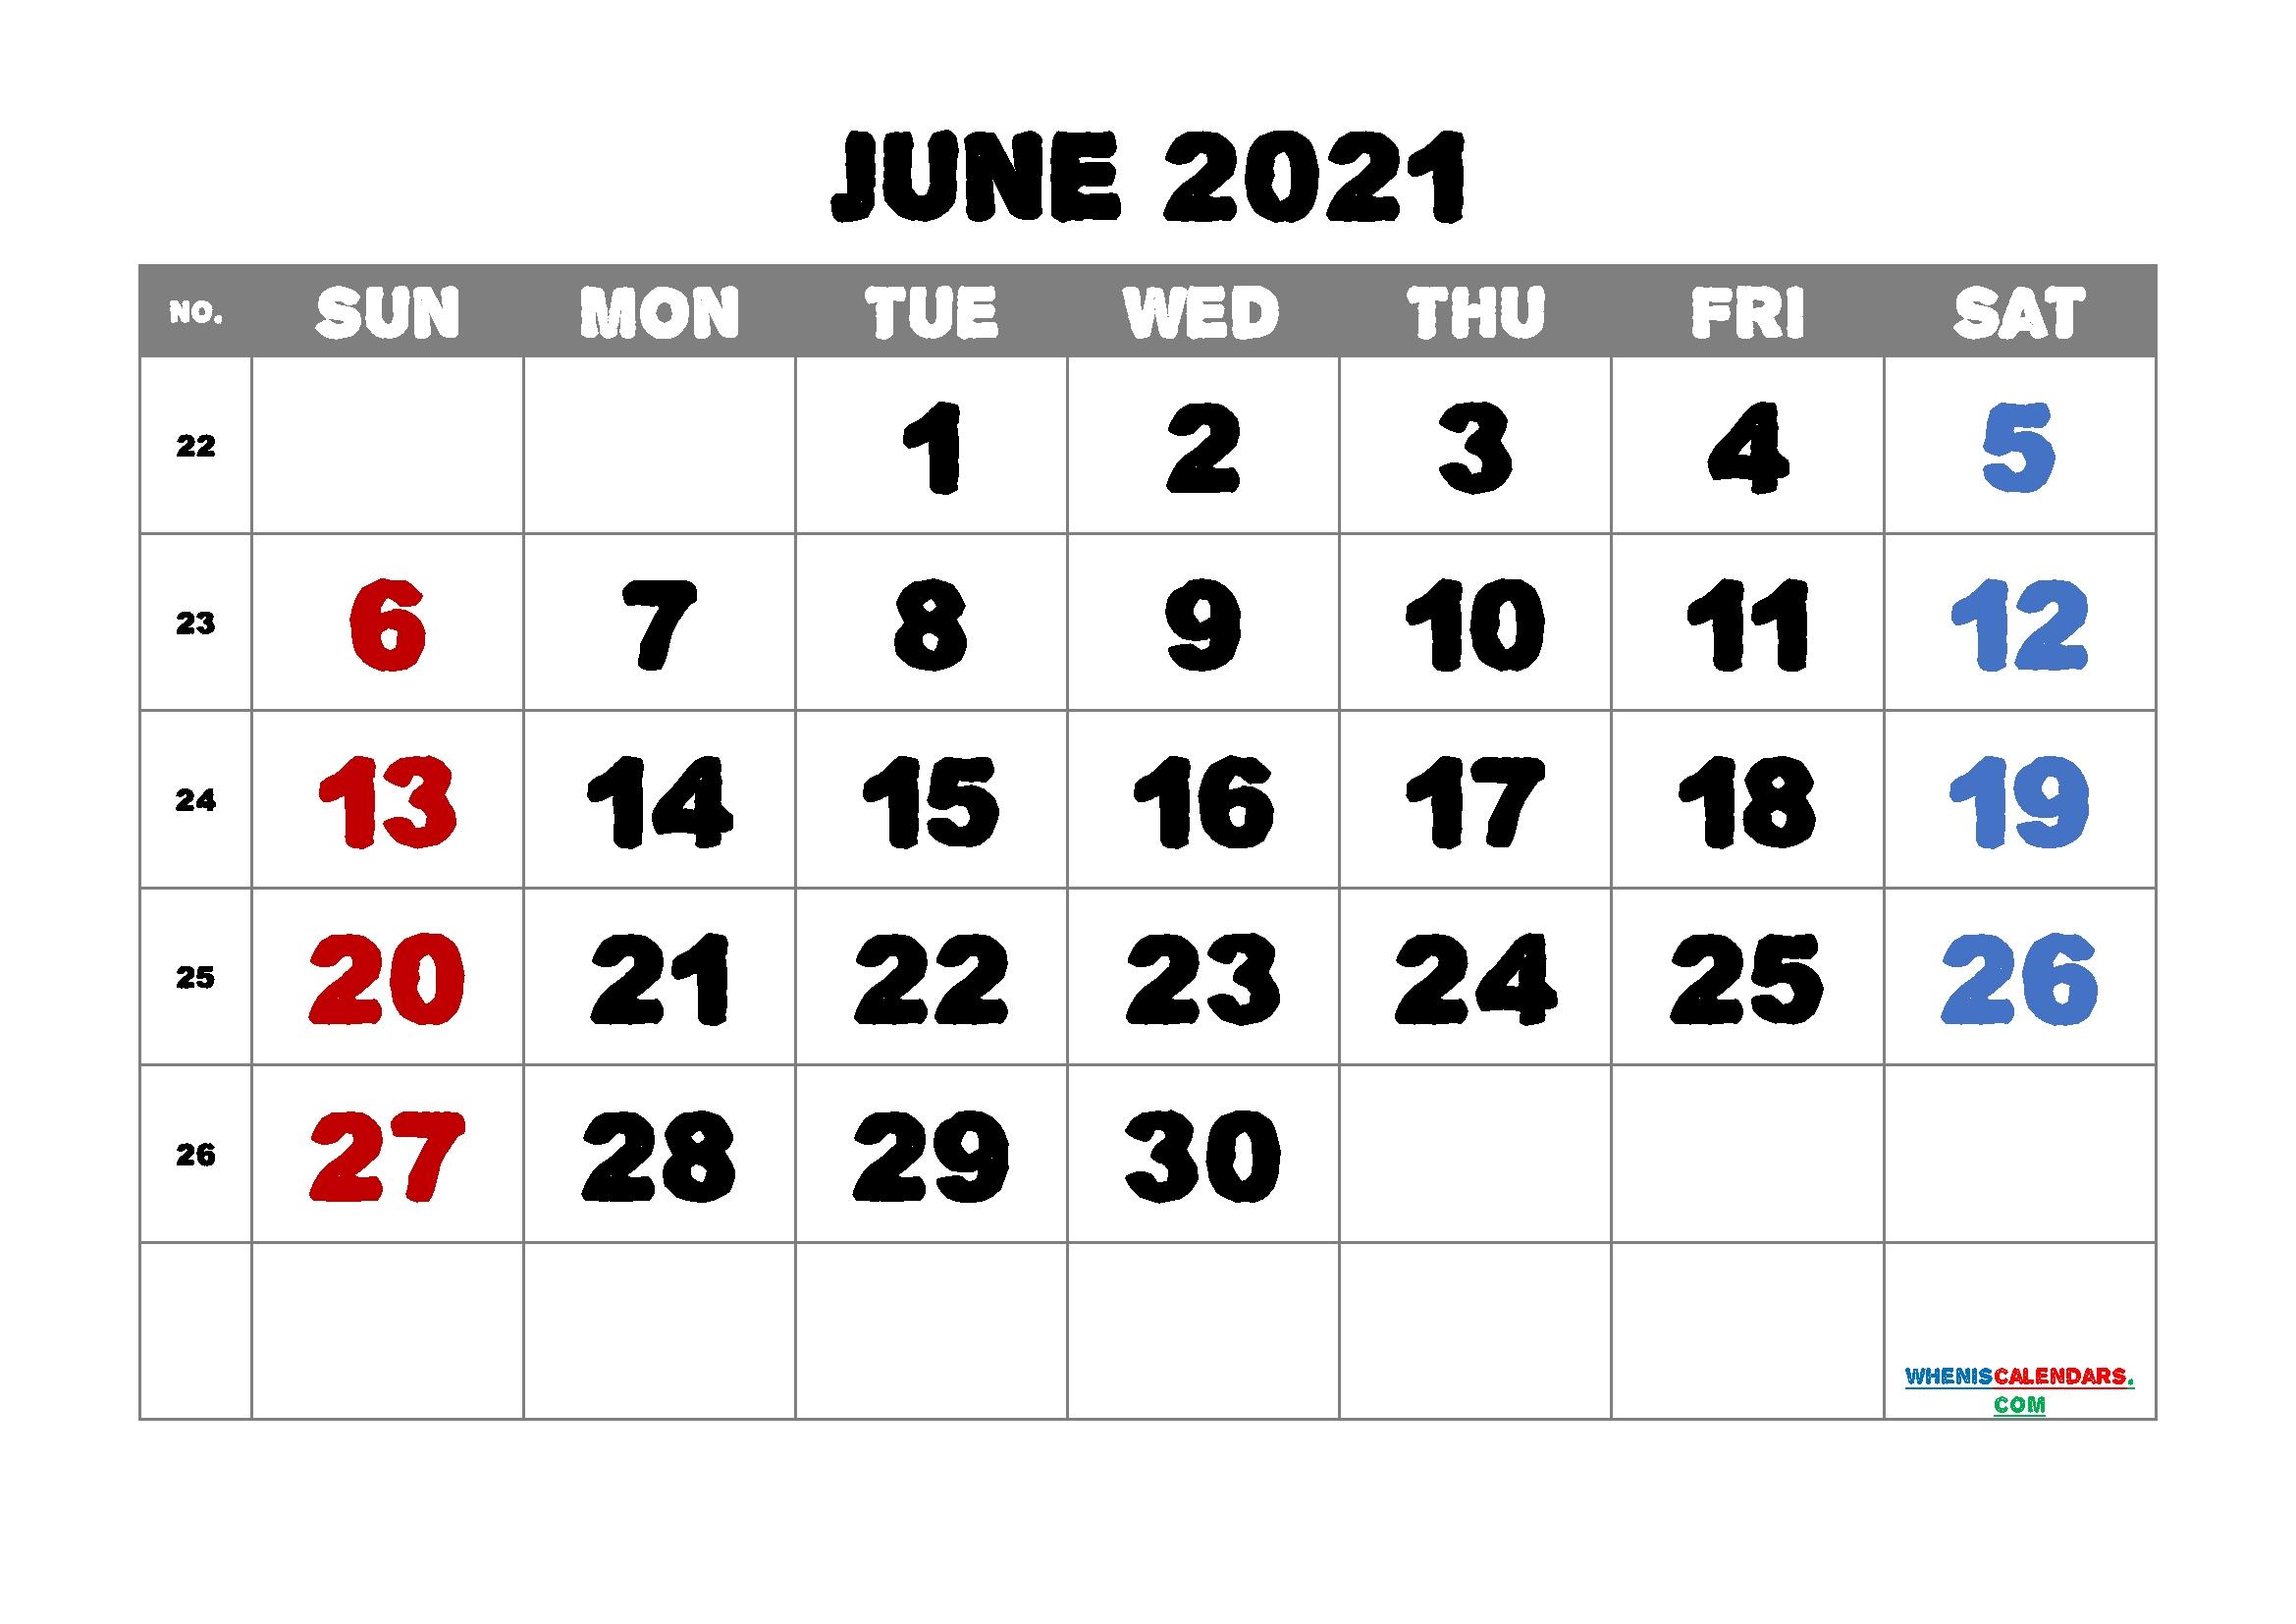 June 2021 Calendar Printable Free | Template M21Alphaecho1 June 2020 To June 2021 Calendar Printable